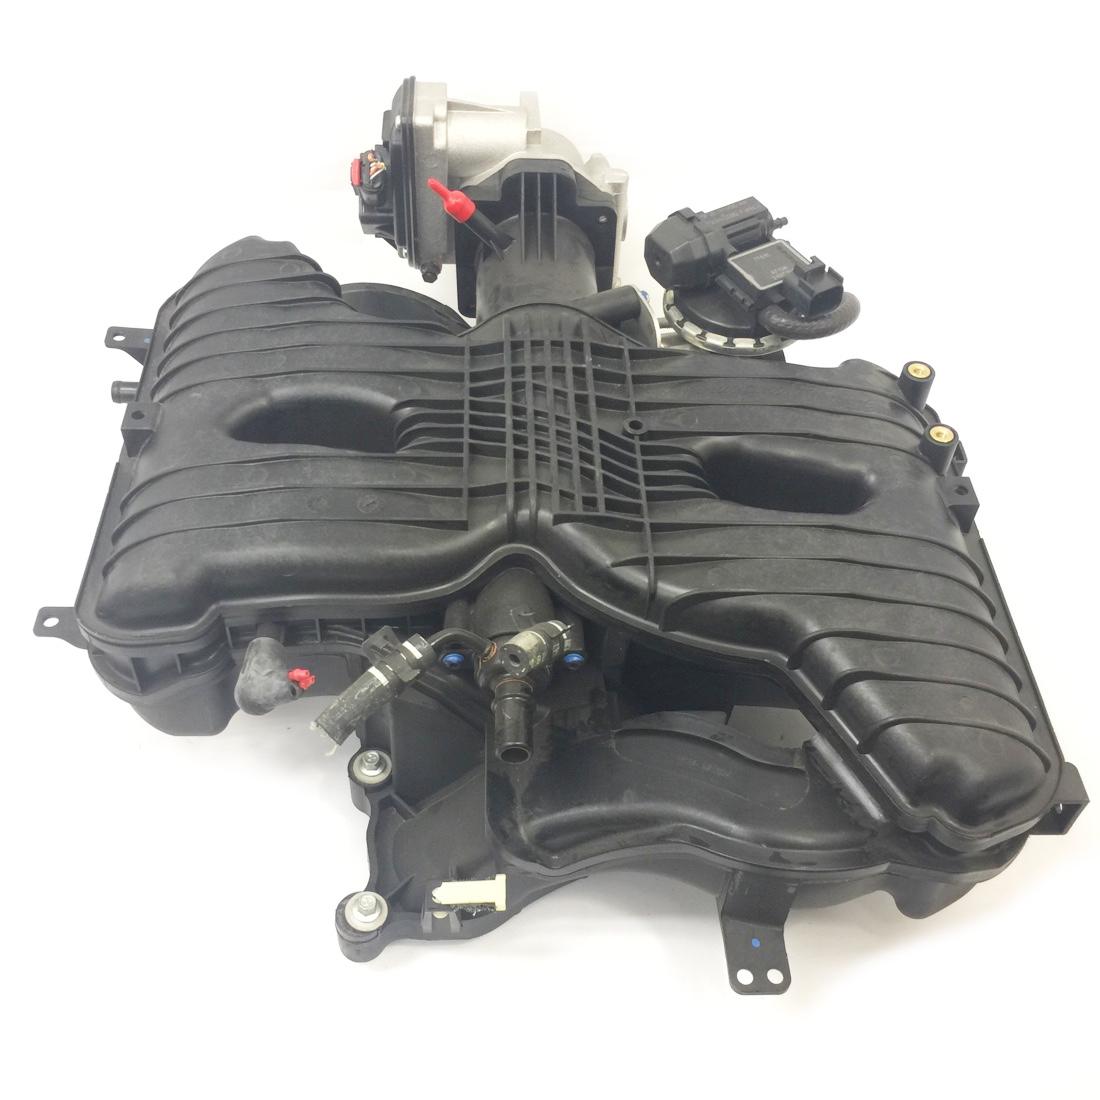 Ford OEM 4.2L Intake 7L3E, 7L3Z9424d (COMPLETE) F150 ...